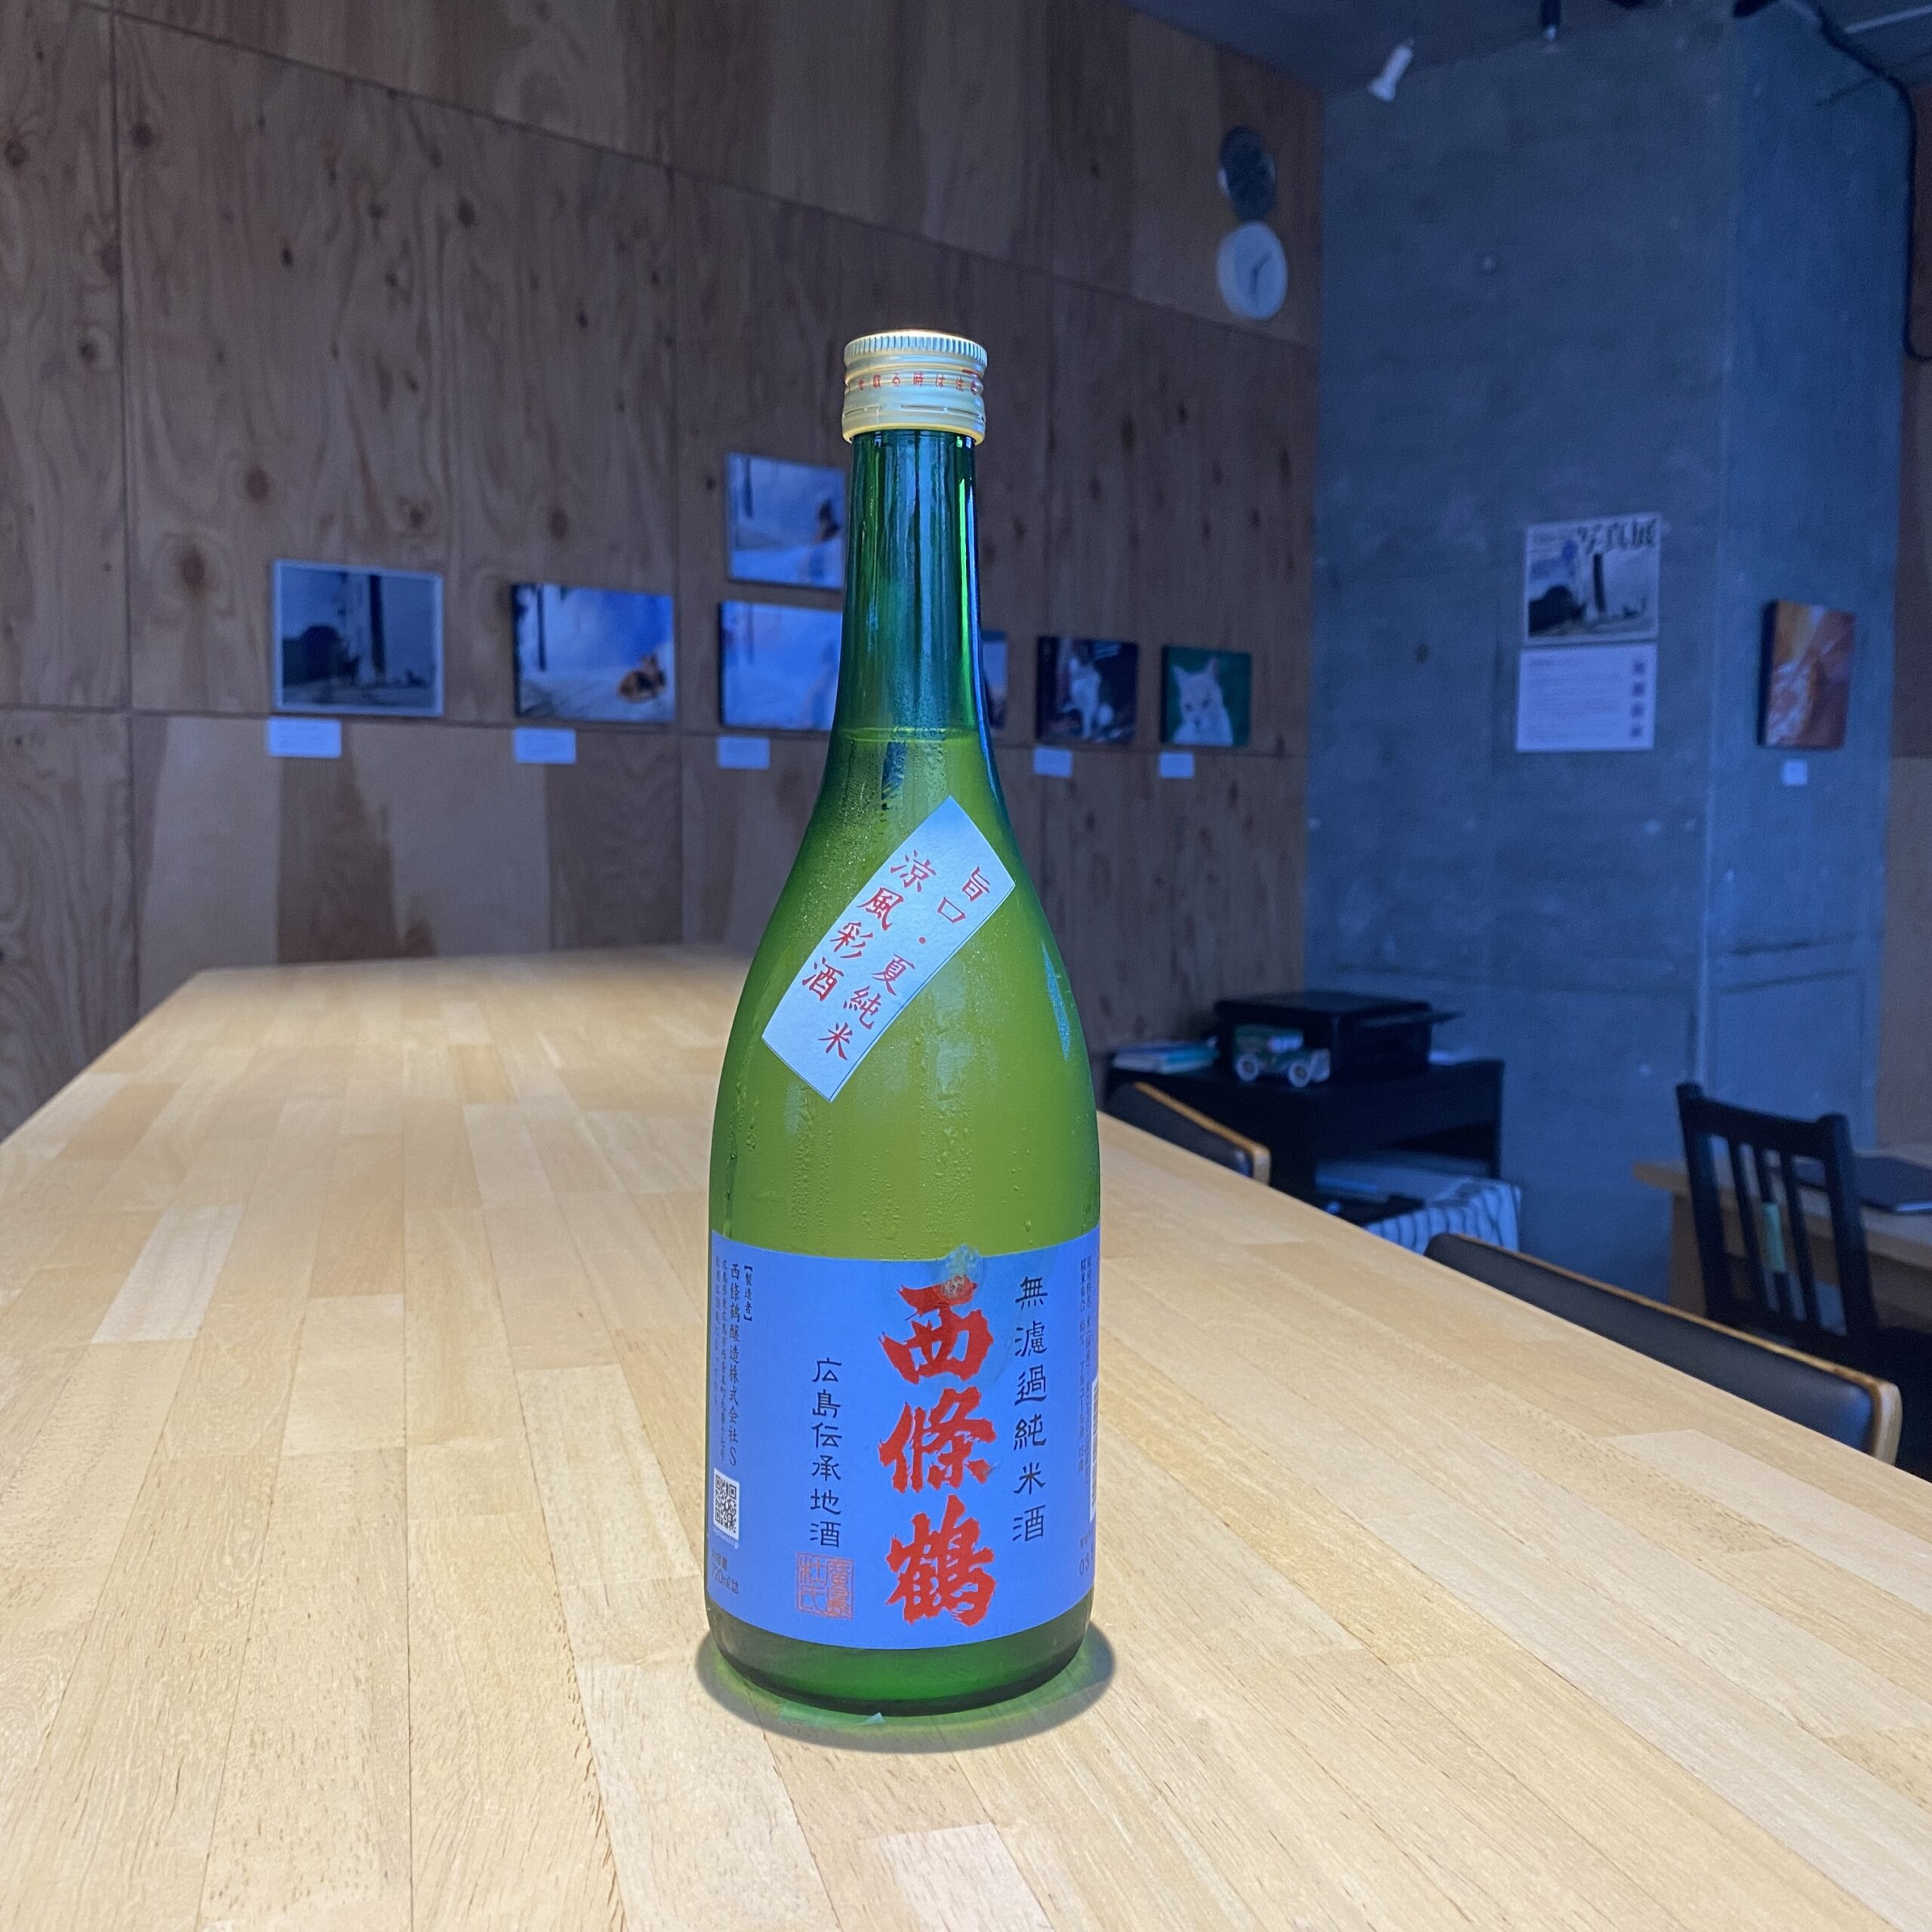 西條鶴旨口夏純米涼風彩酒